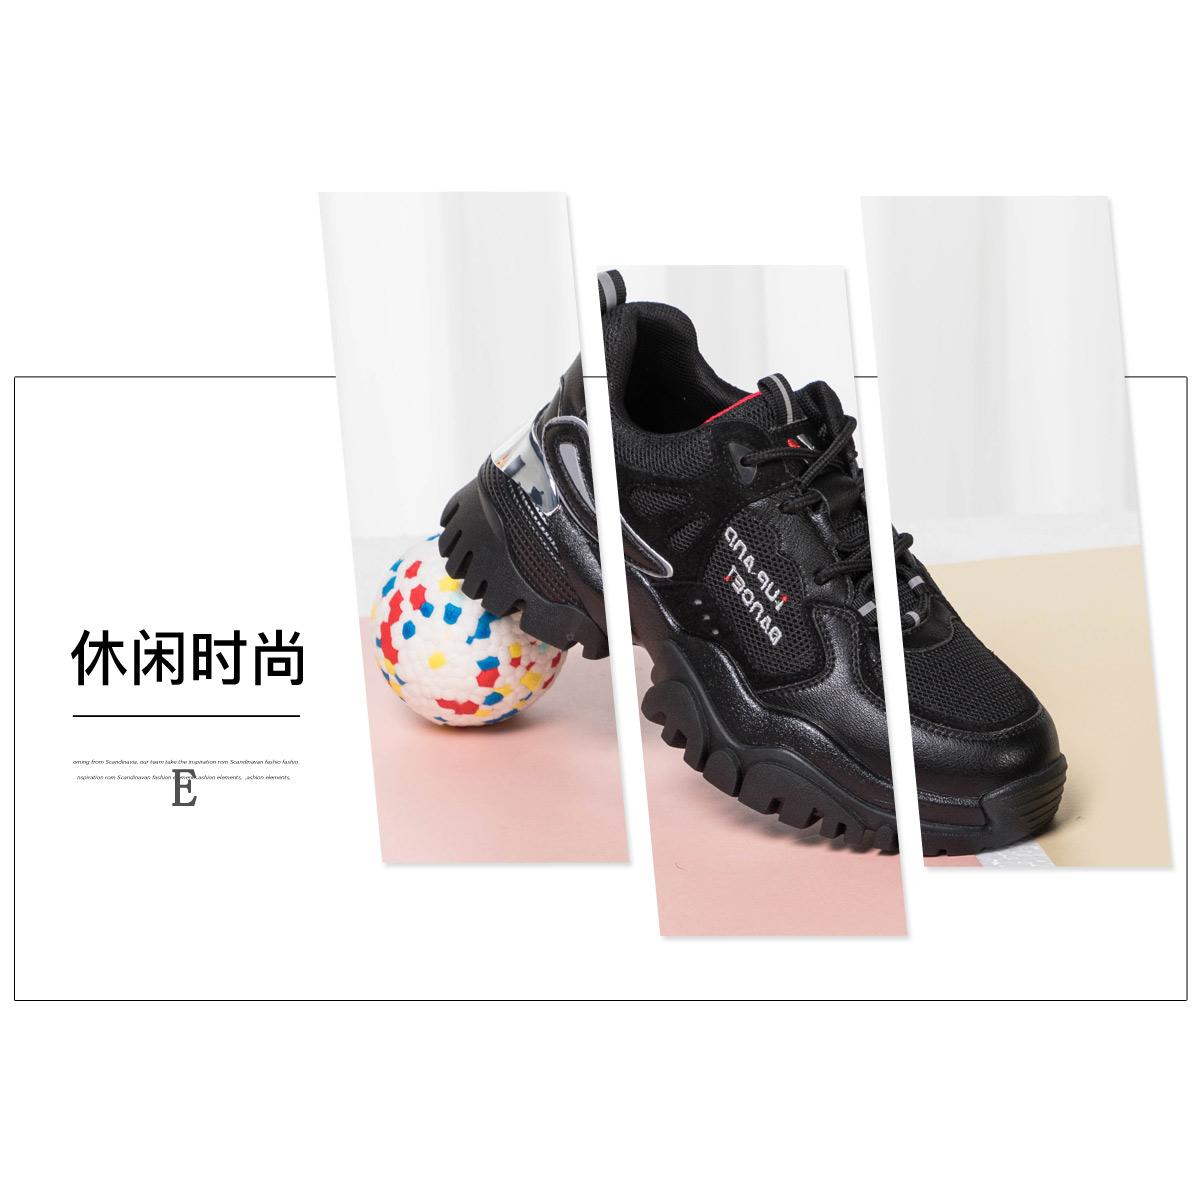 SS04112556 新款冬季运动休闲深口商场同款单鞋女 2020 星期六复古鞋